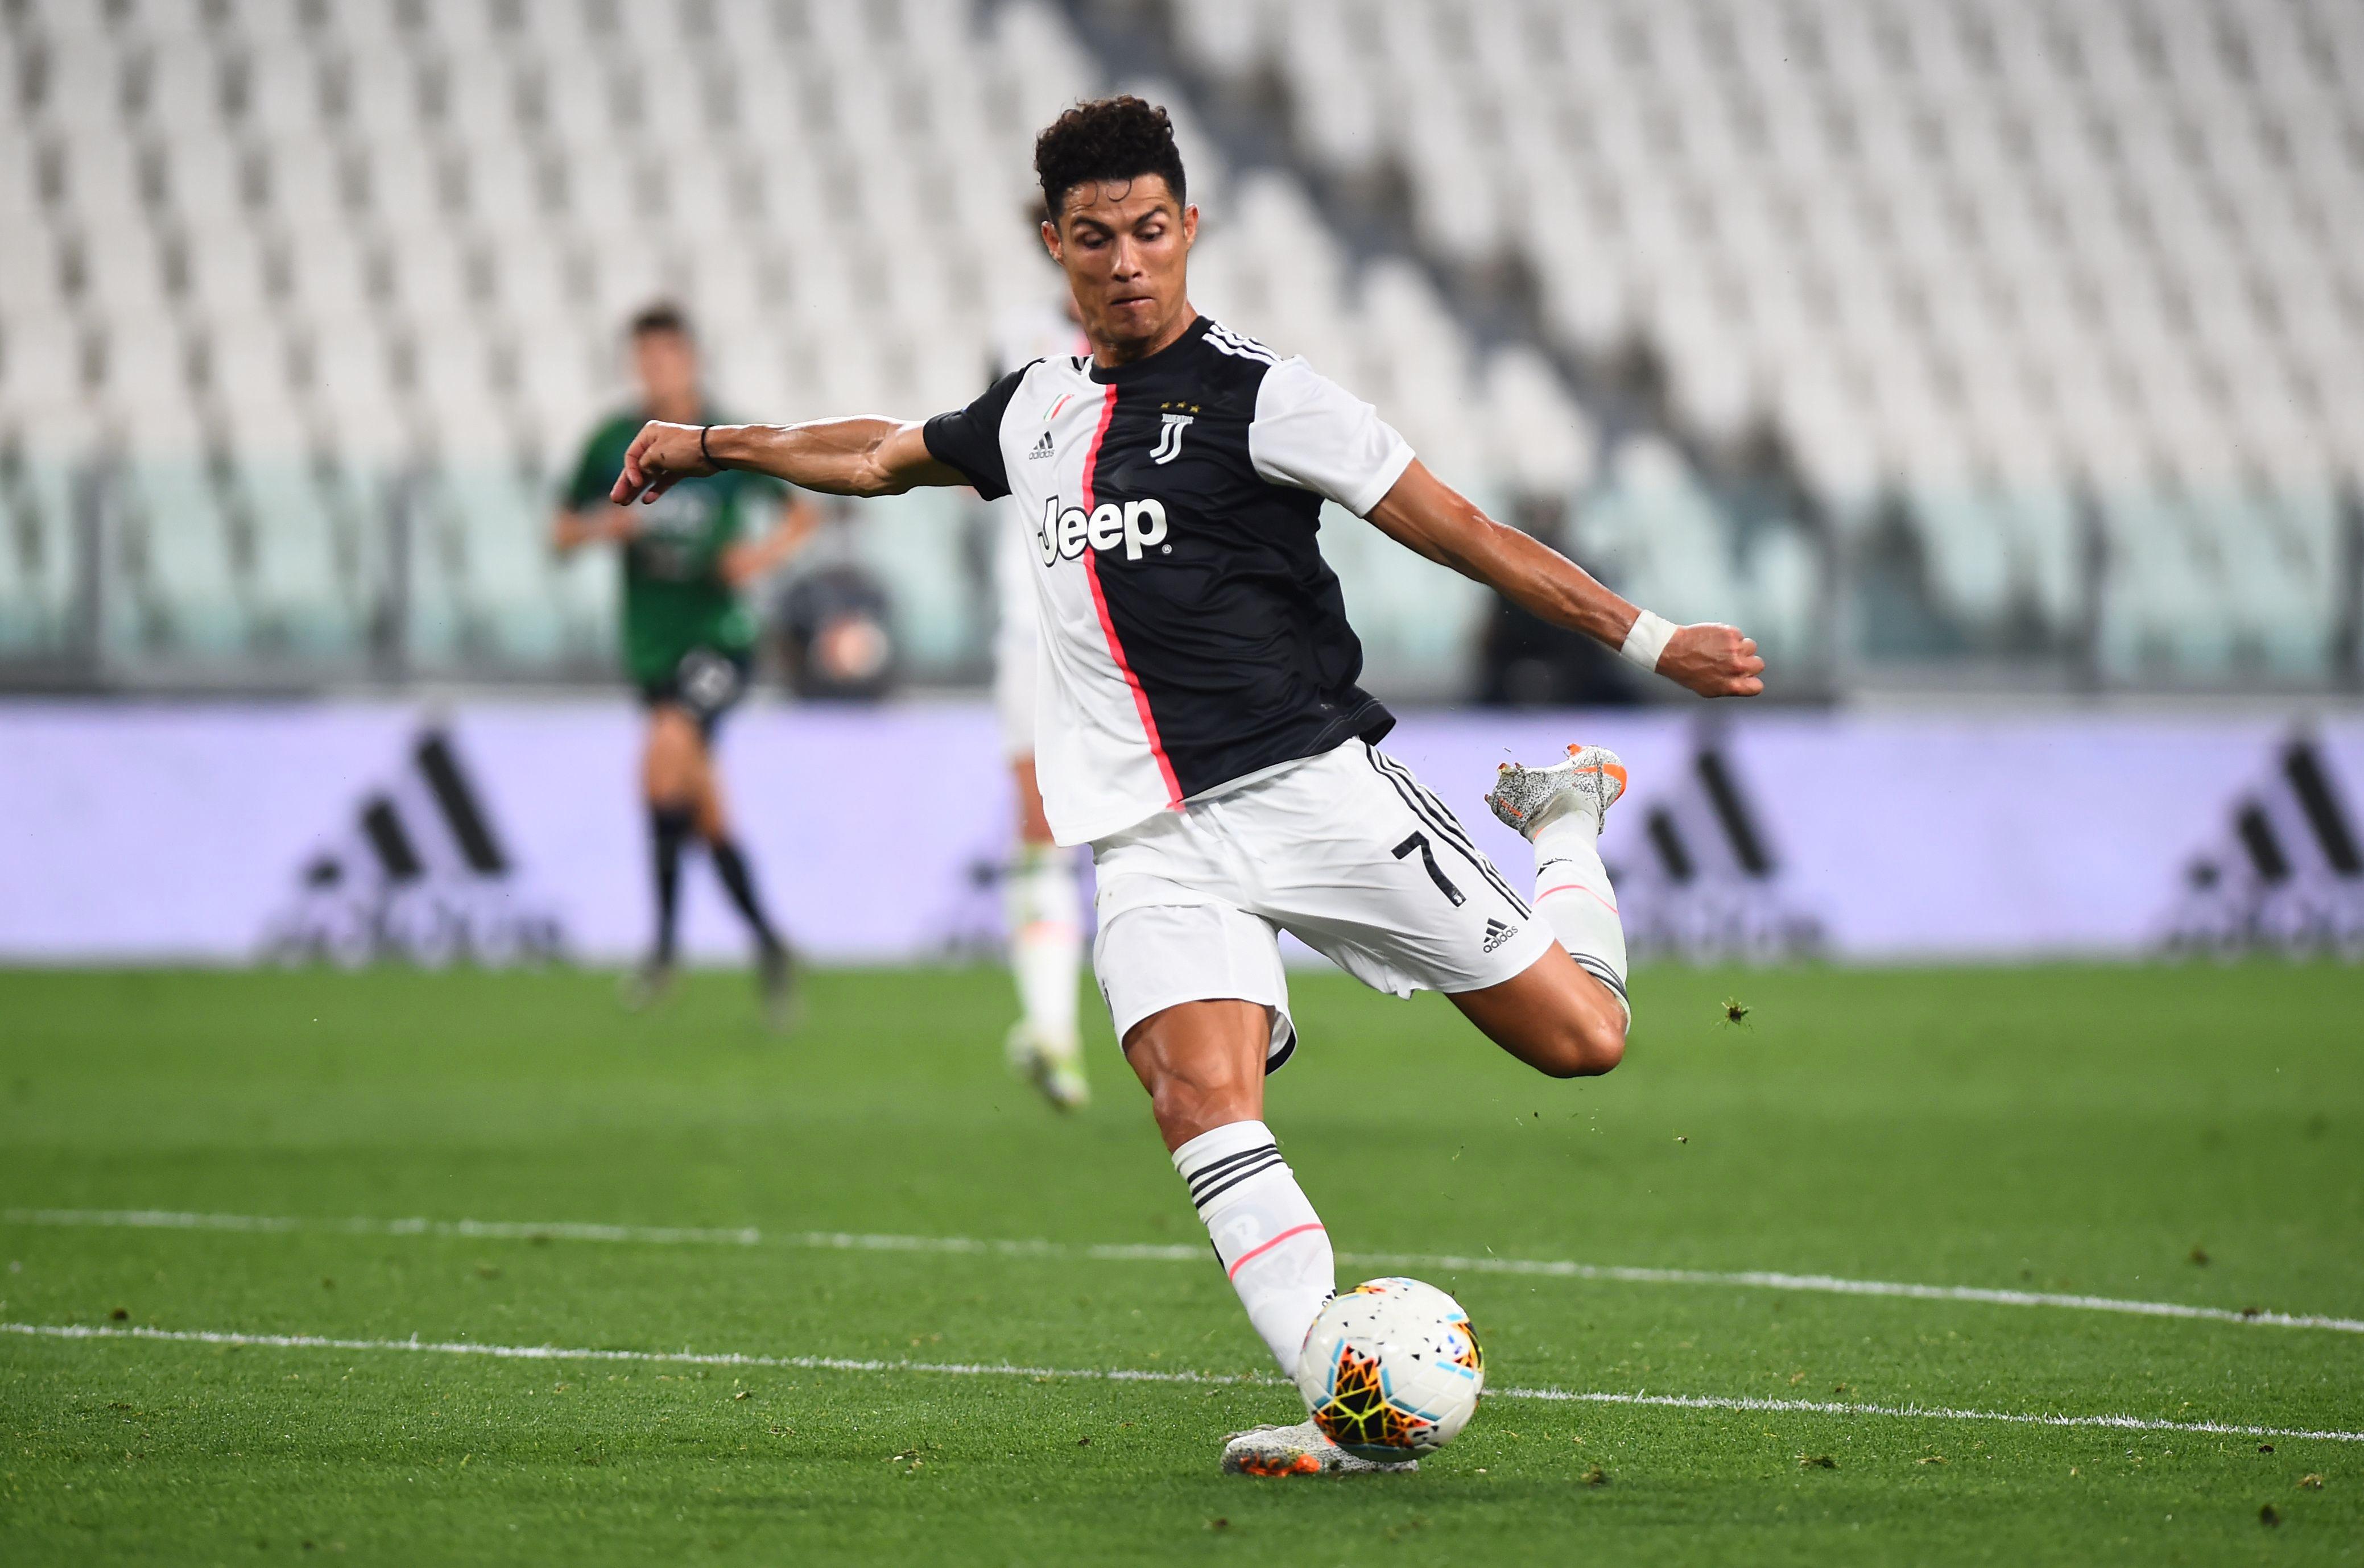 Football - Etranger - Serie A : Sassuolo-Juventus Turin en direct